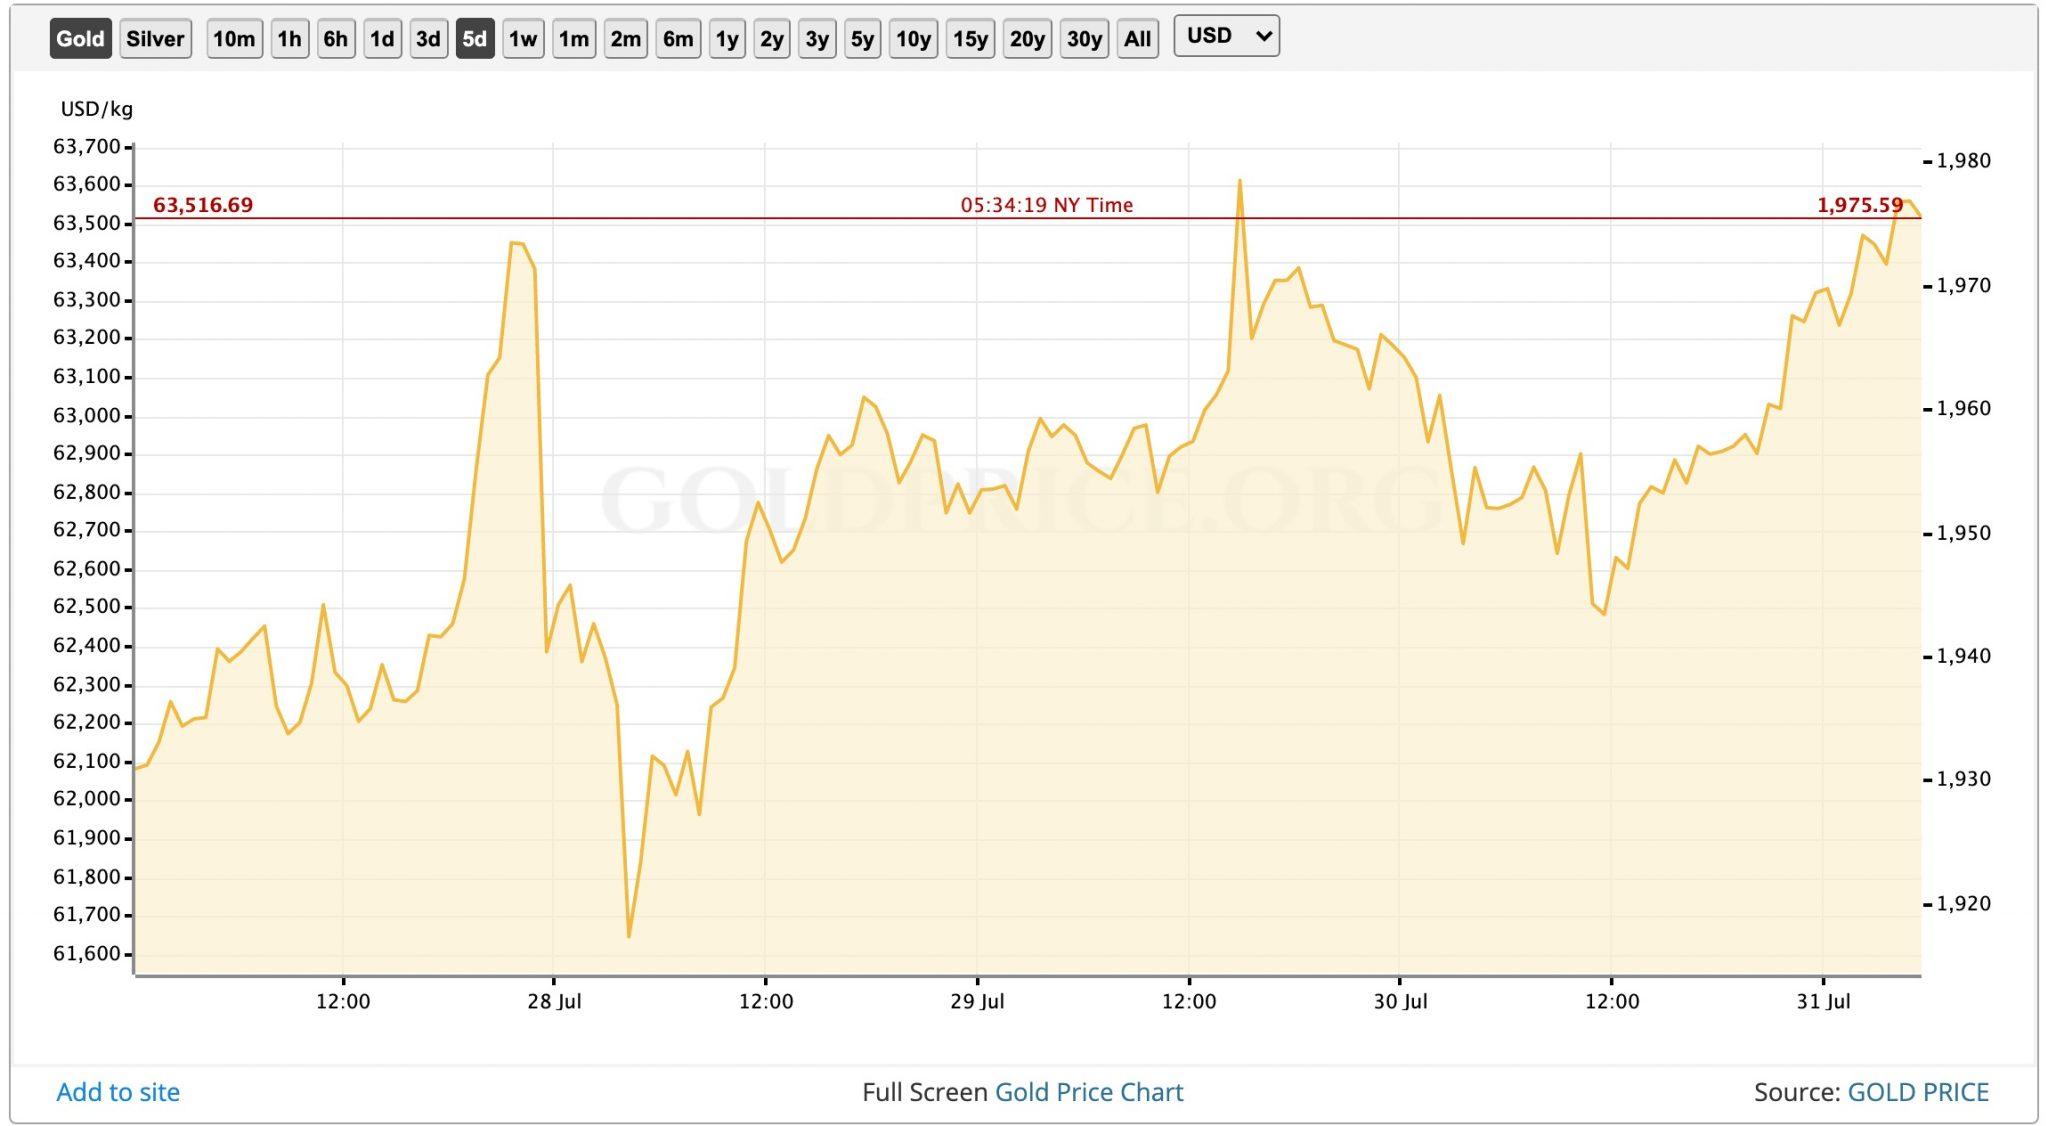 Капитализация биткоина достигла 1,62% от общей рыночной стоимости золота